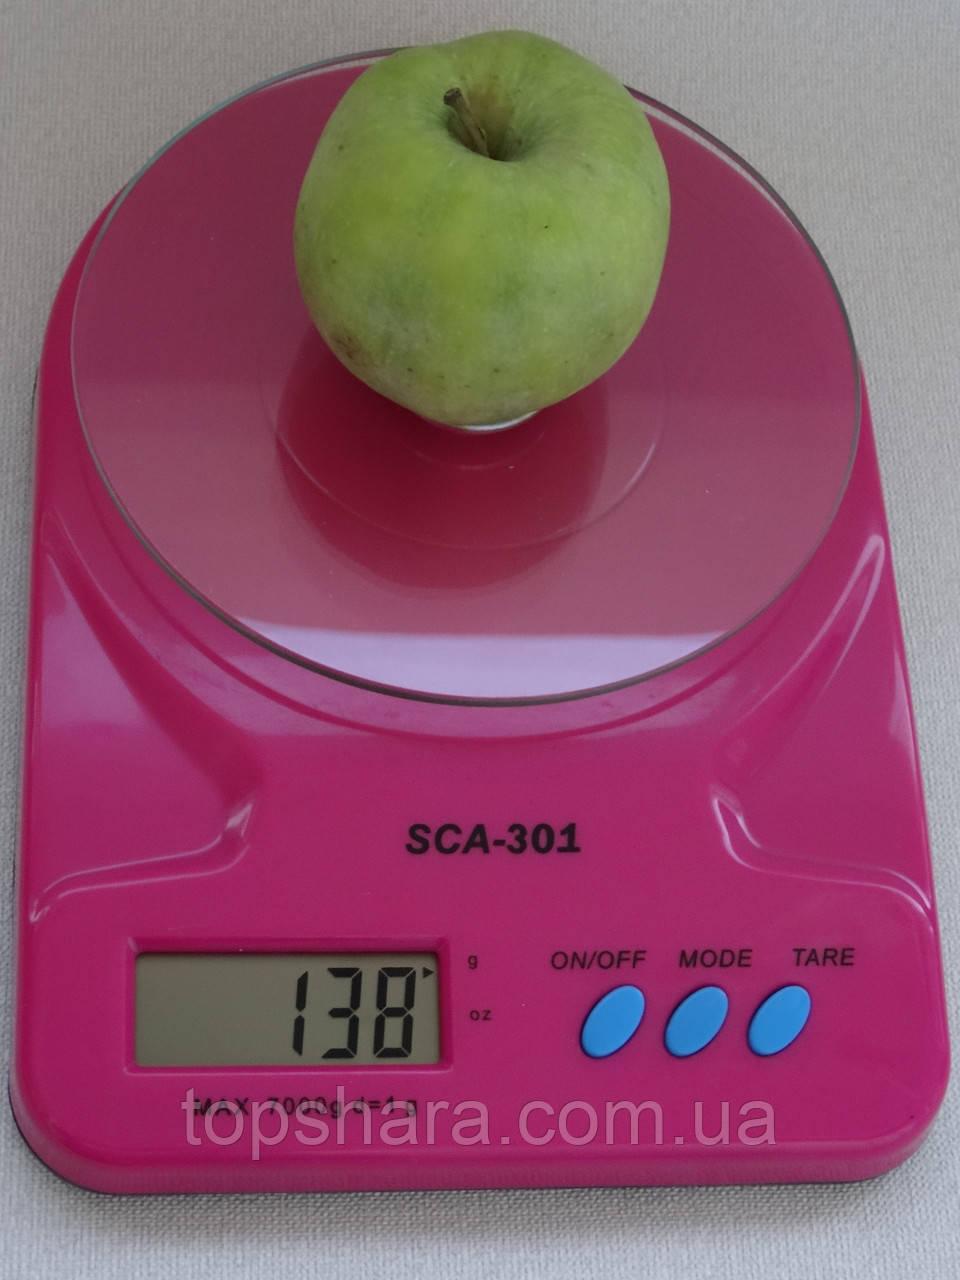 Весы кухонные со стеклянной подставкой SCA-301 красные до 7 кг